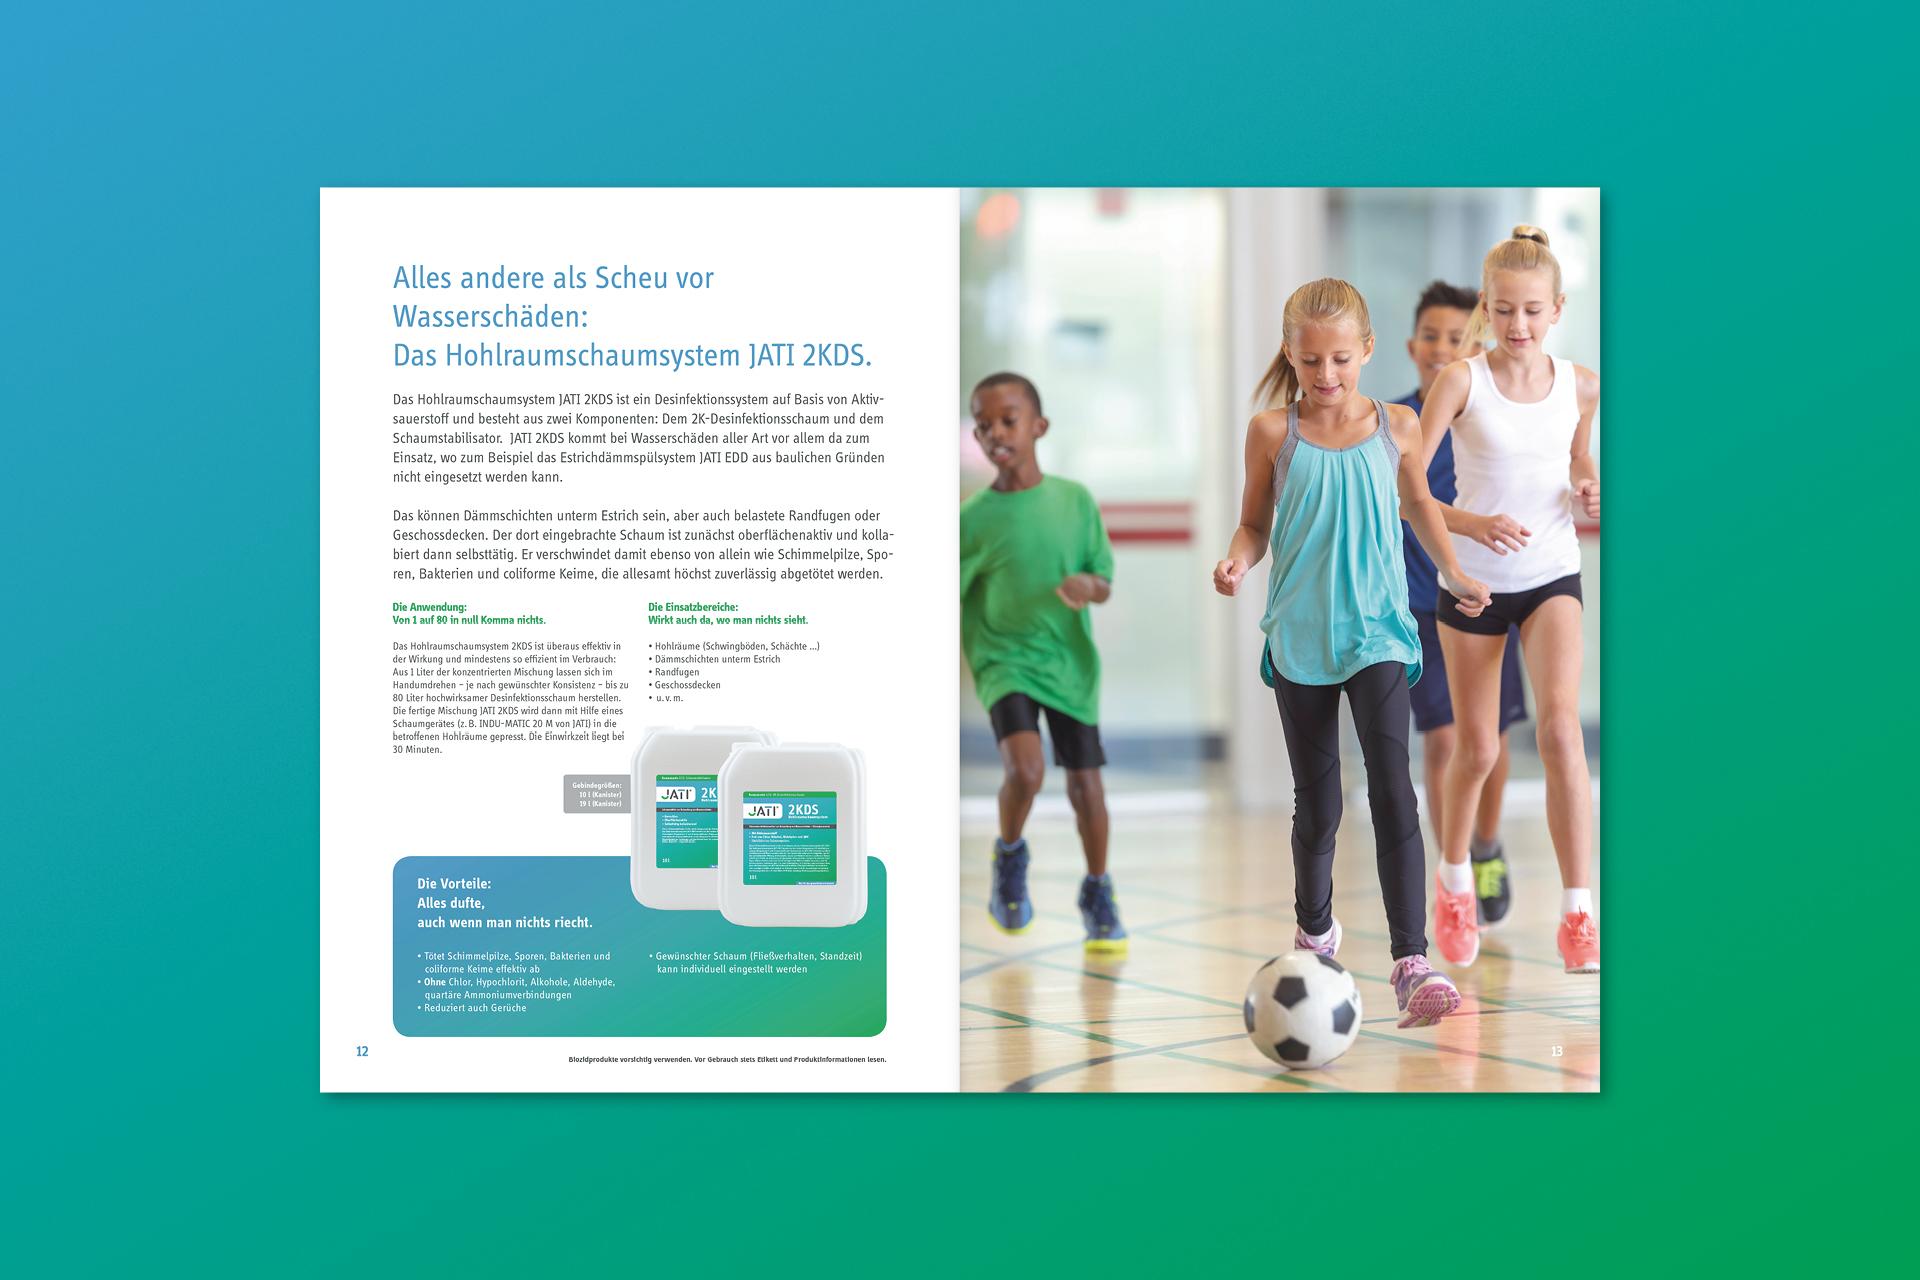 jati produktbroschuere 05 - Dem Schimmel sei Dank: Ein ganz frischer Markenauftritt für JATI – Corporate Design, Logoentwicklung, Grafikdesign